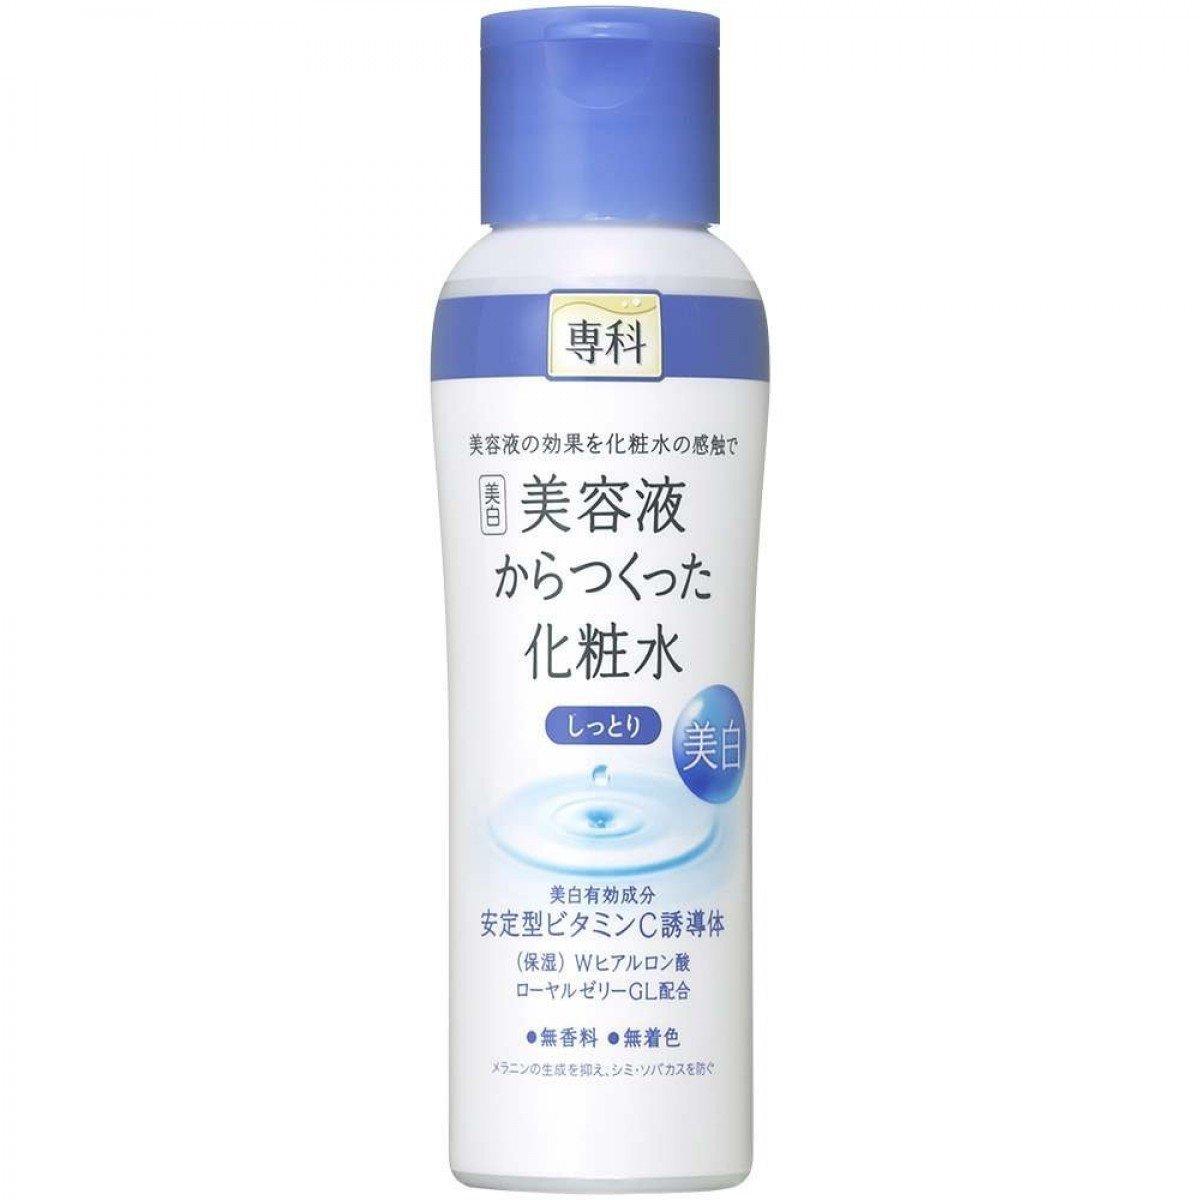 Lotion dưỡng da Shiseido Hada Senka Whitening Lotion 200ml với công nghệ sản xuất các hạt vi chất dưỡng ẩm độc quyền